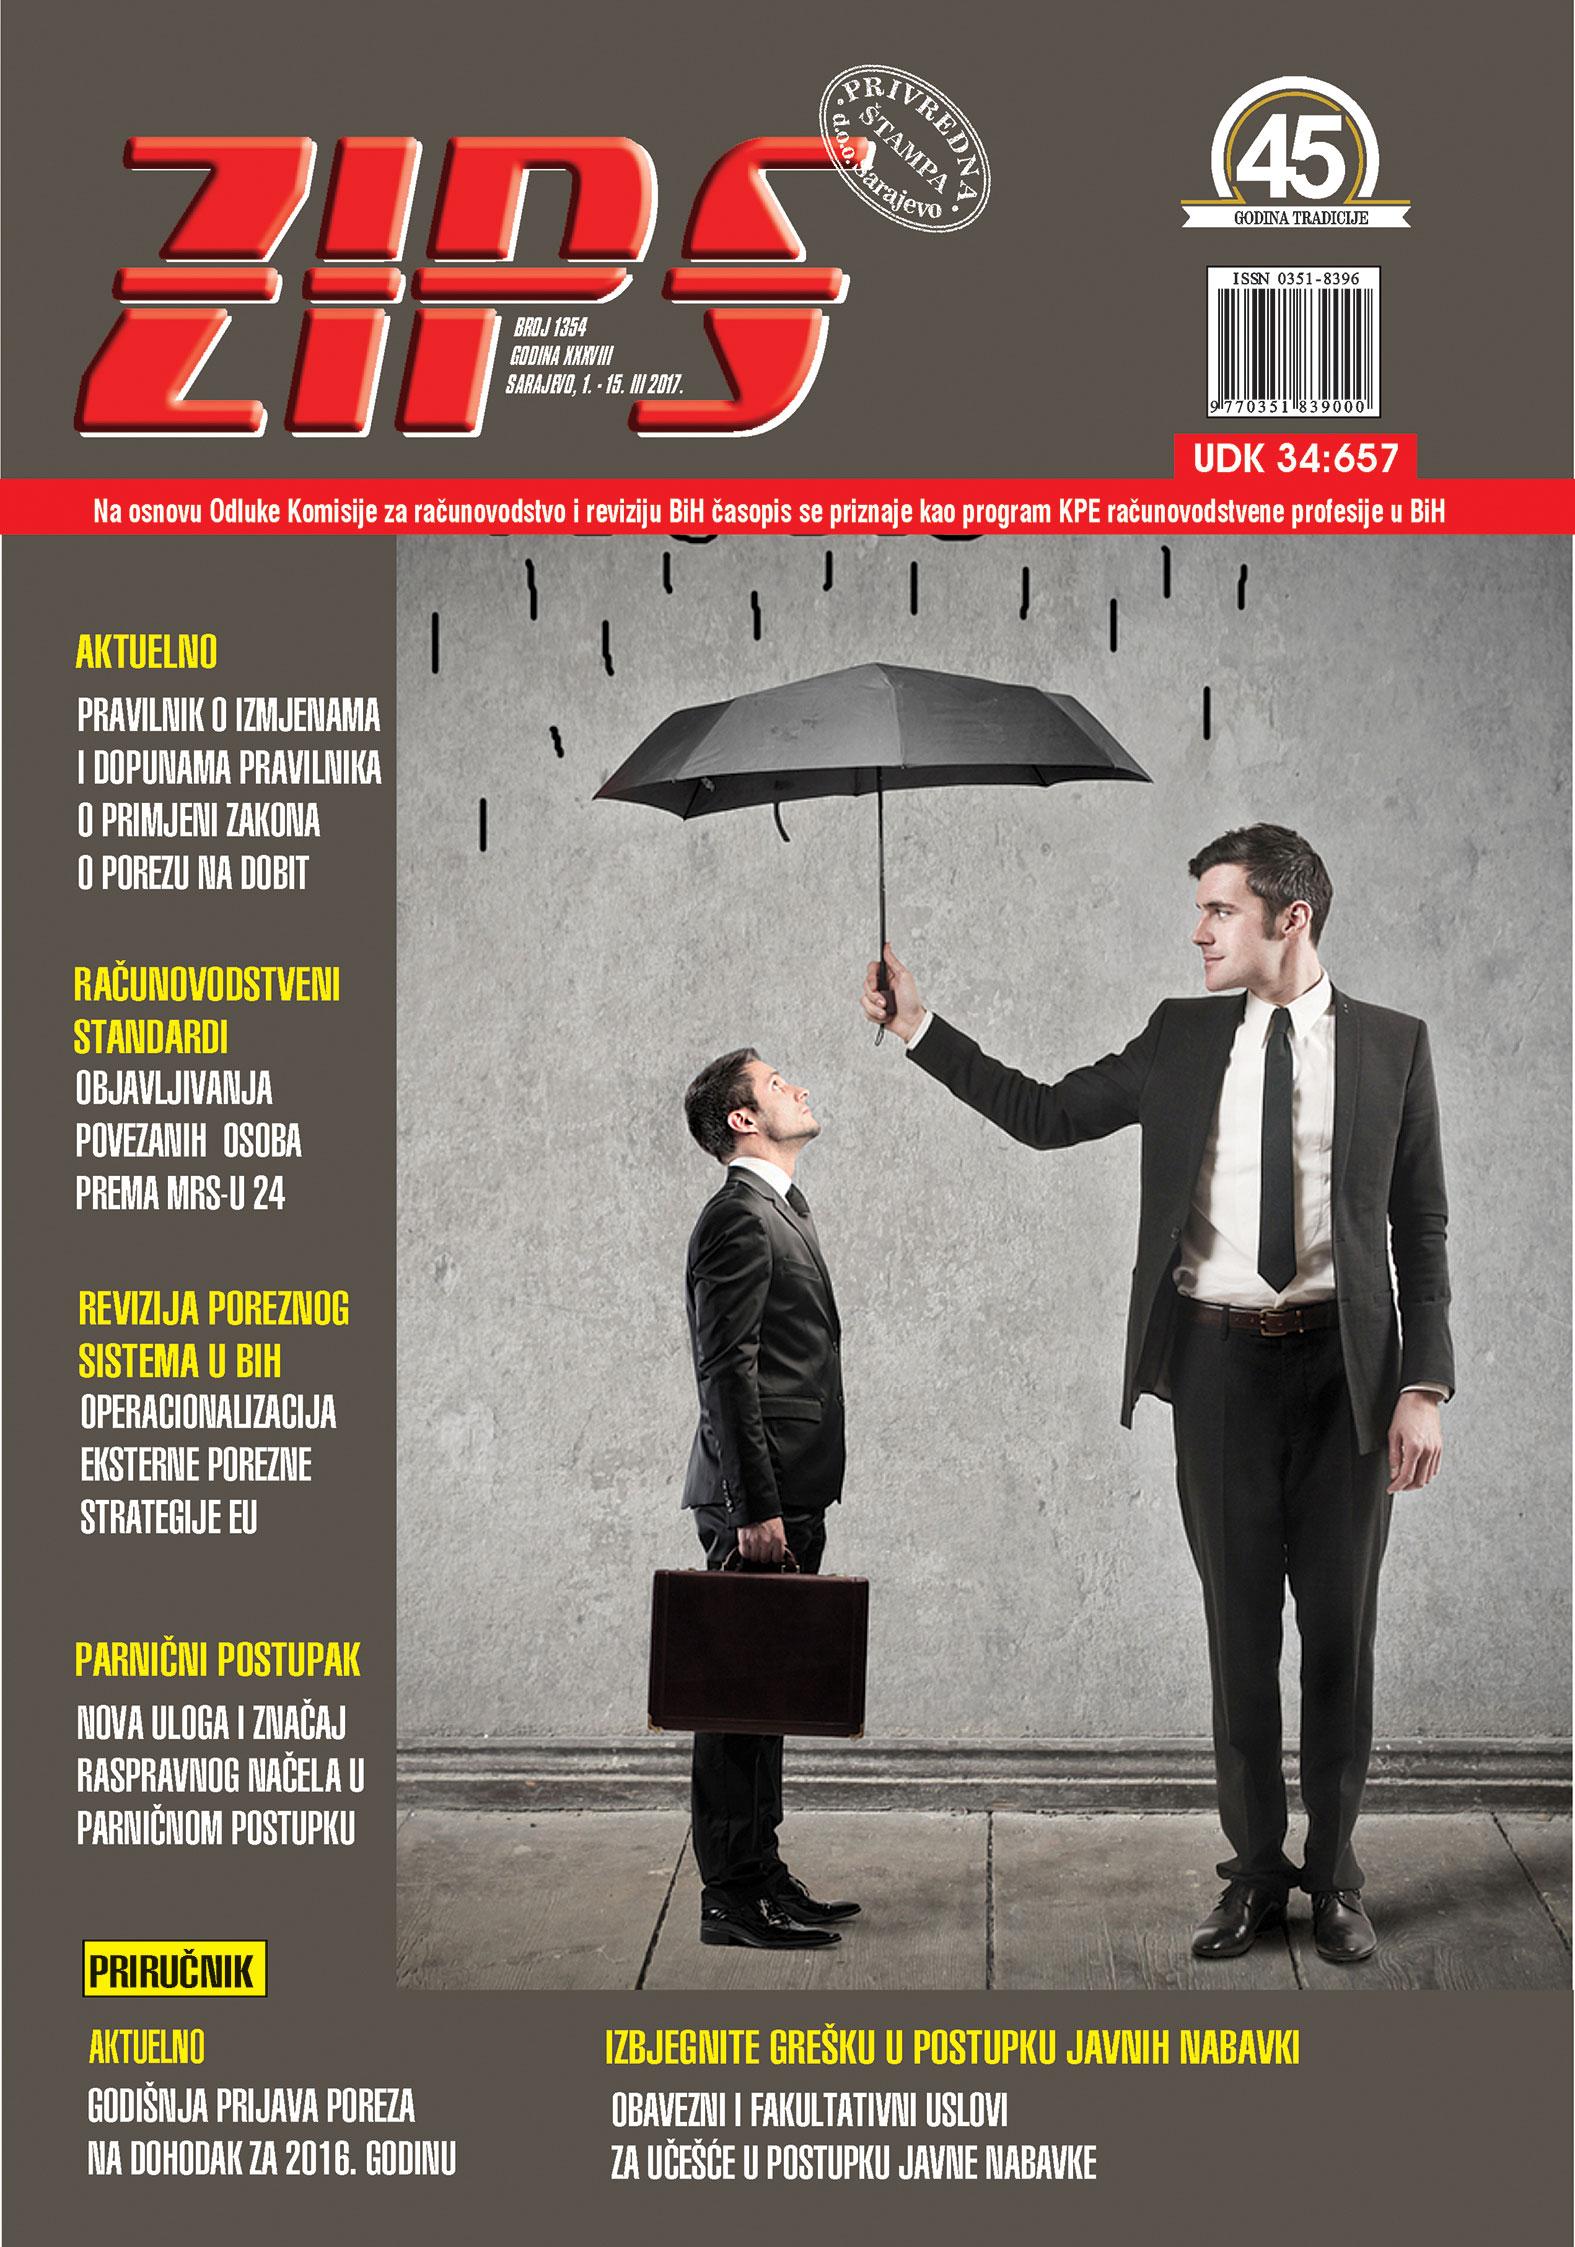 zips-1354-naslovnaweb.jpg